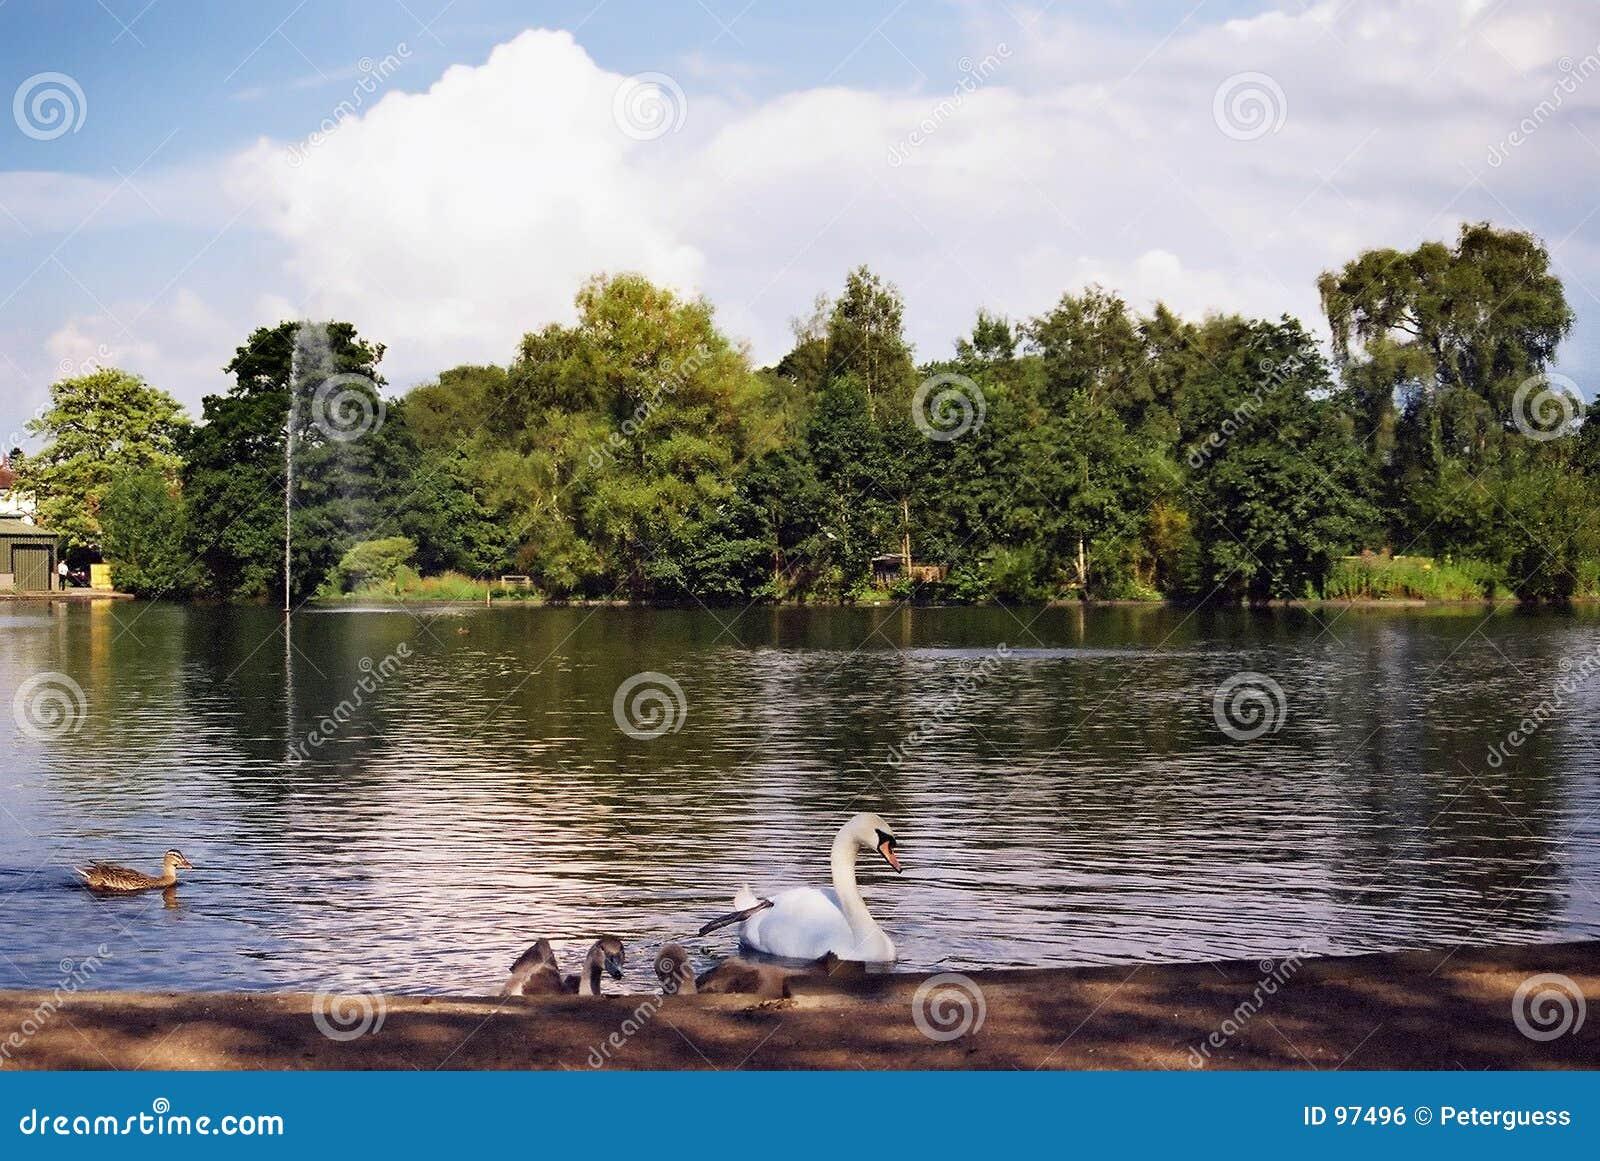 Cisne e Signets em uma lagoa